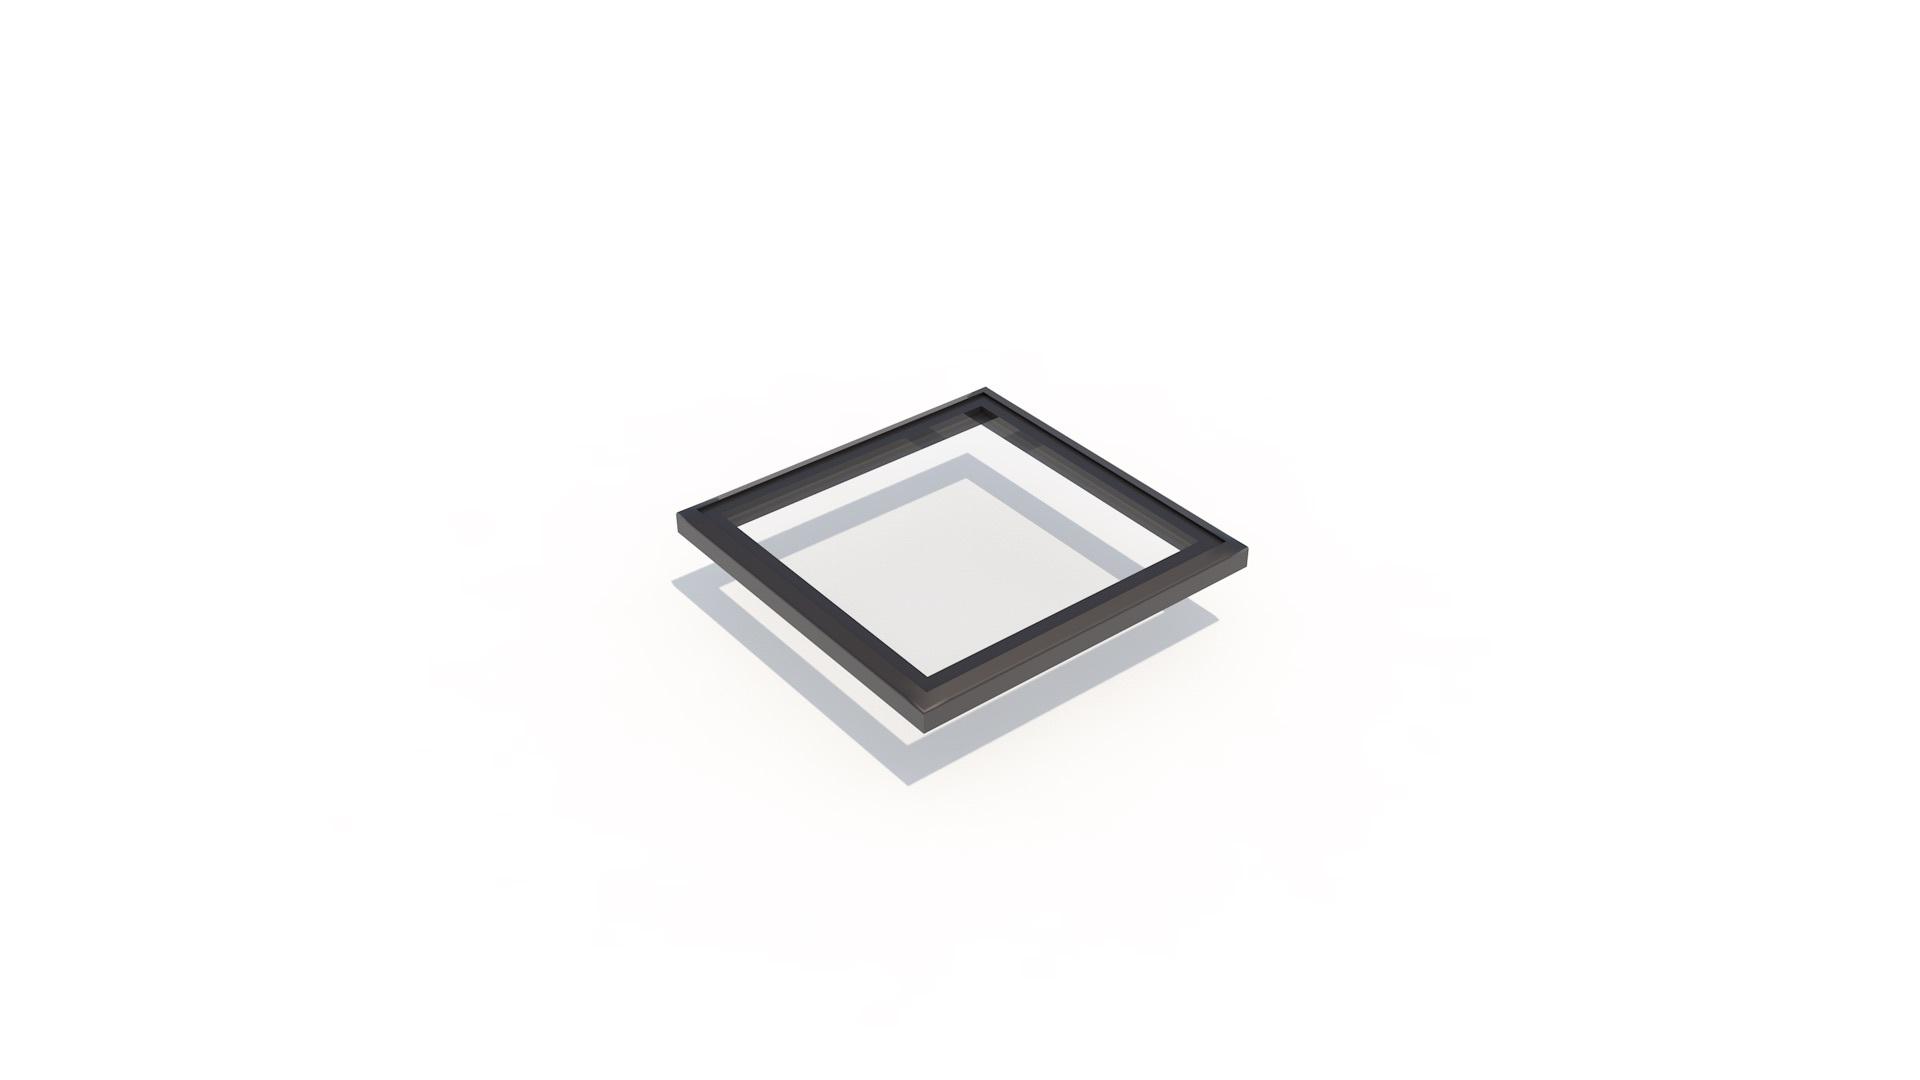 Frameless flat 1000 x 1000 - Frameless flat Skylight